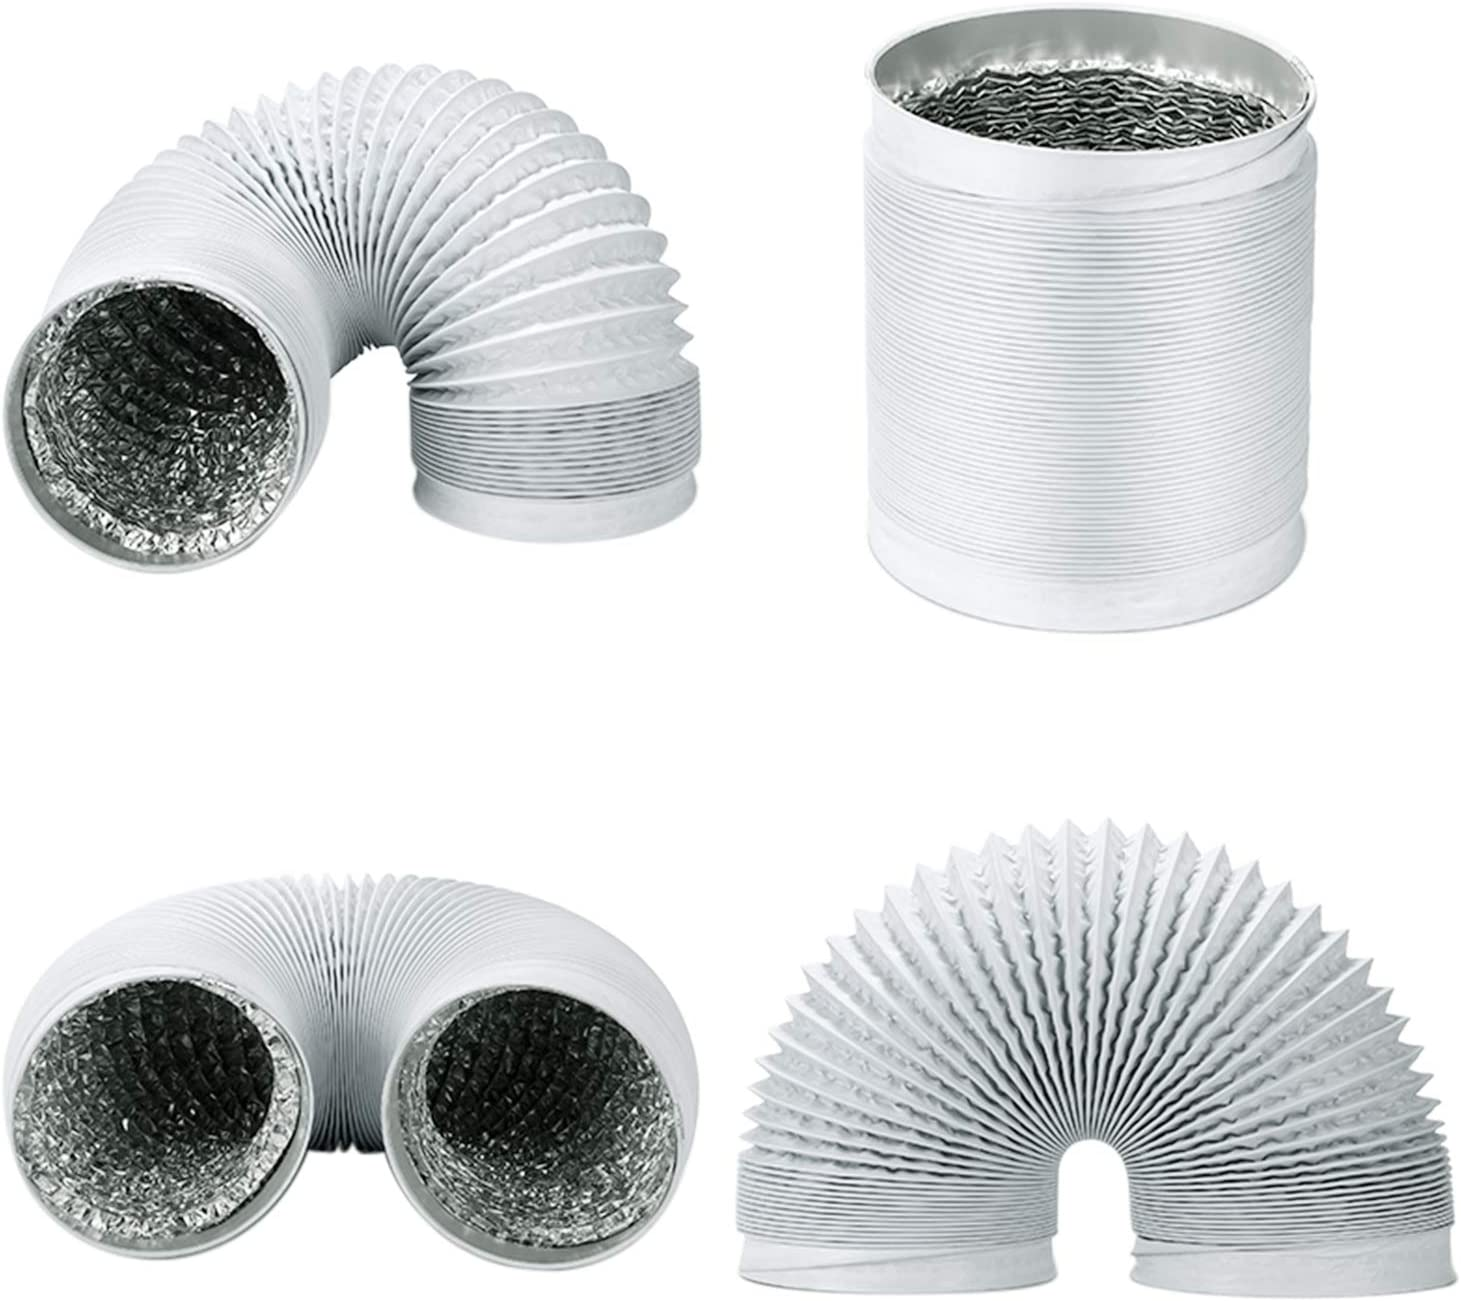 wei/ß OOPPEN 15,2 cm x 10 m PVC Runde Luftf/ührung Aluminium Flexibler L/üftungsschlauch 150 mm Durchmesser Bel/üftungsschlauch f/ür Abluftventilatoren//Hydrokultur etc